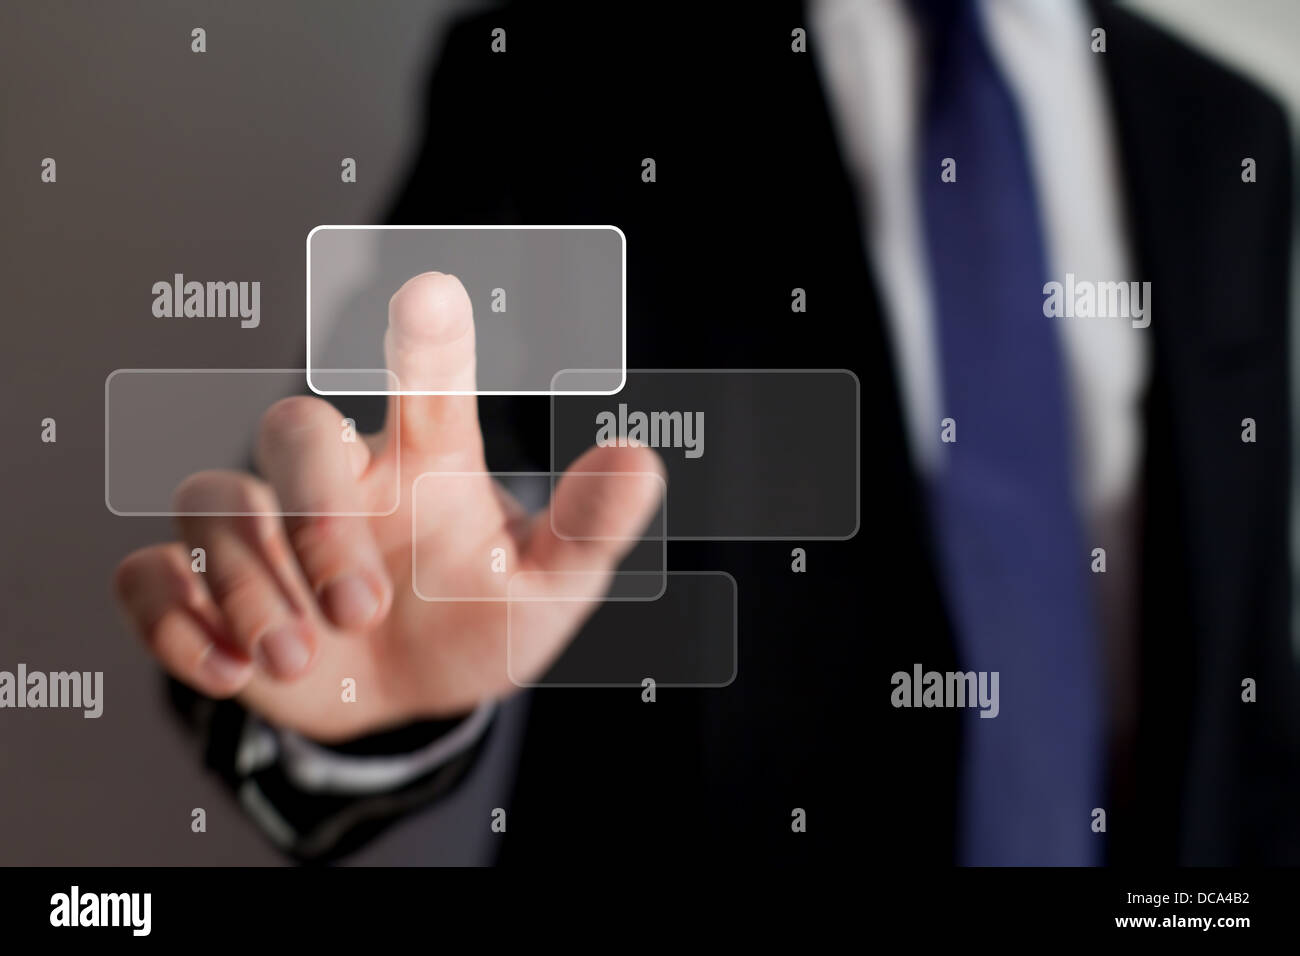 Interfaz inteligente de tecnología empresarial Imagen De Stock